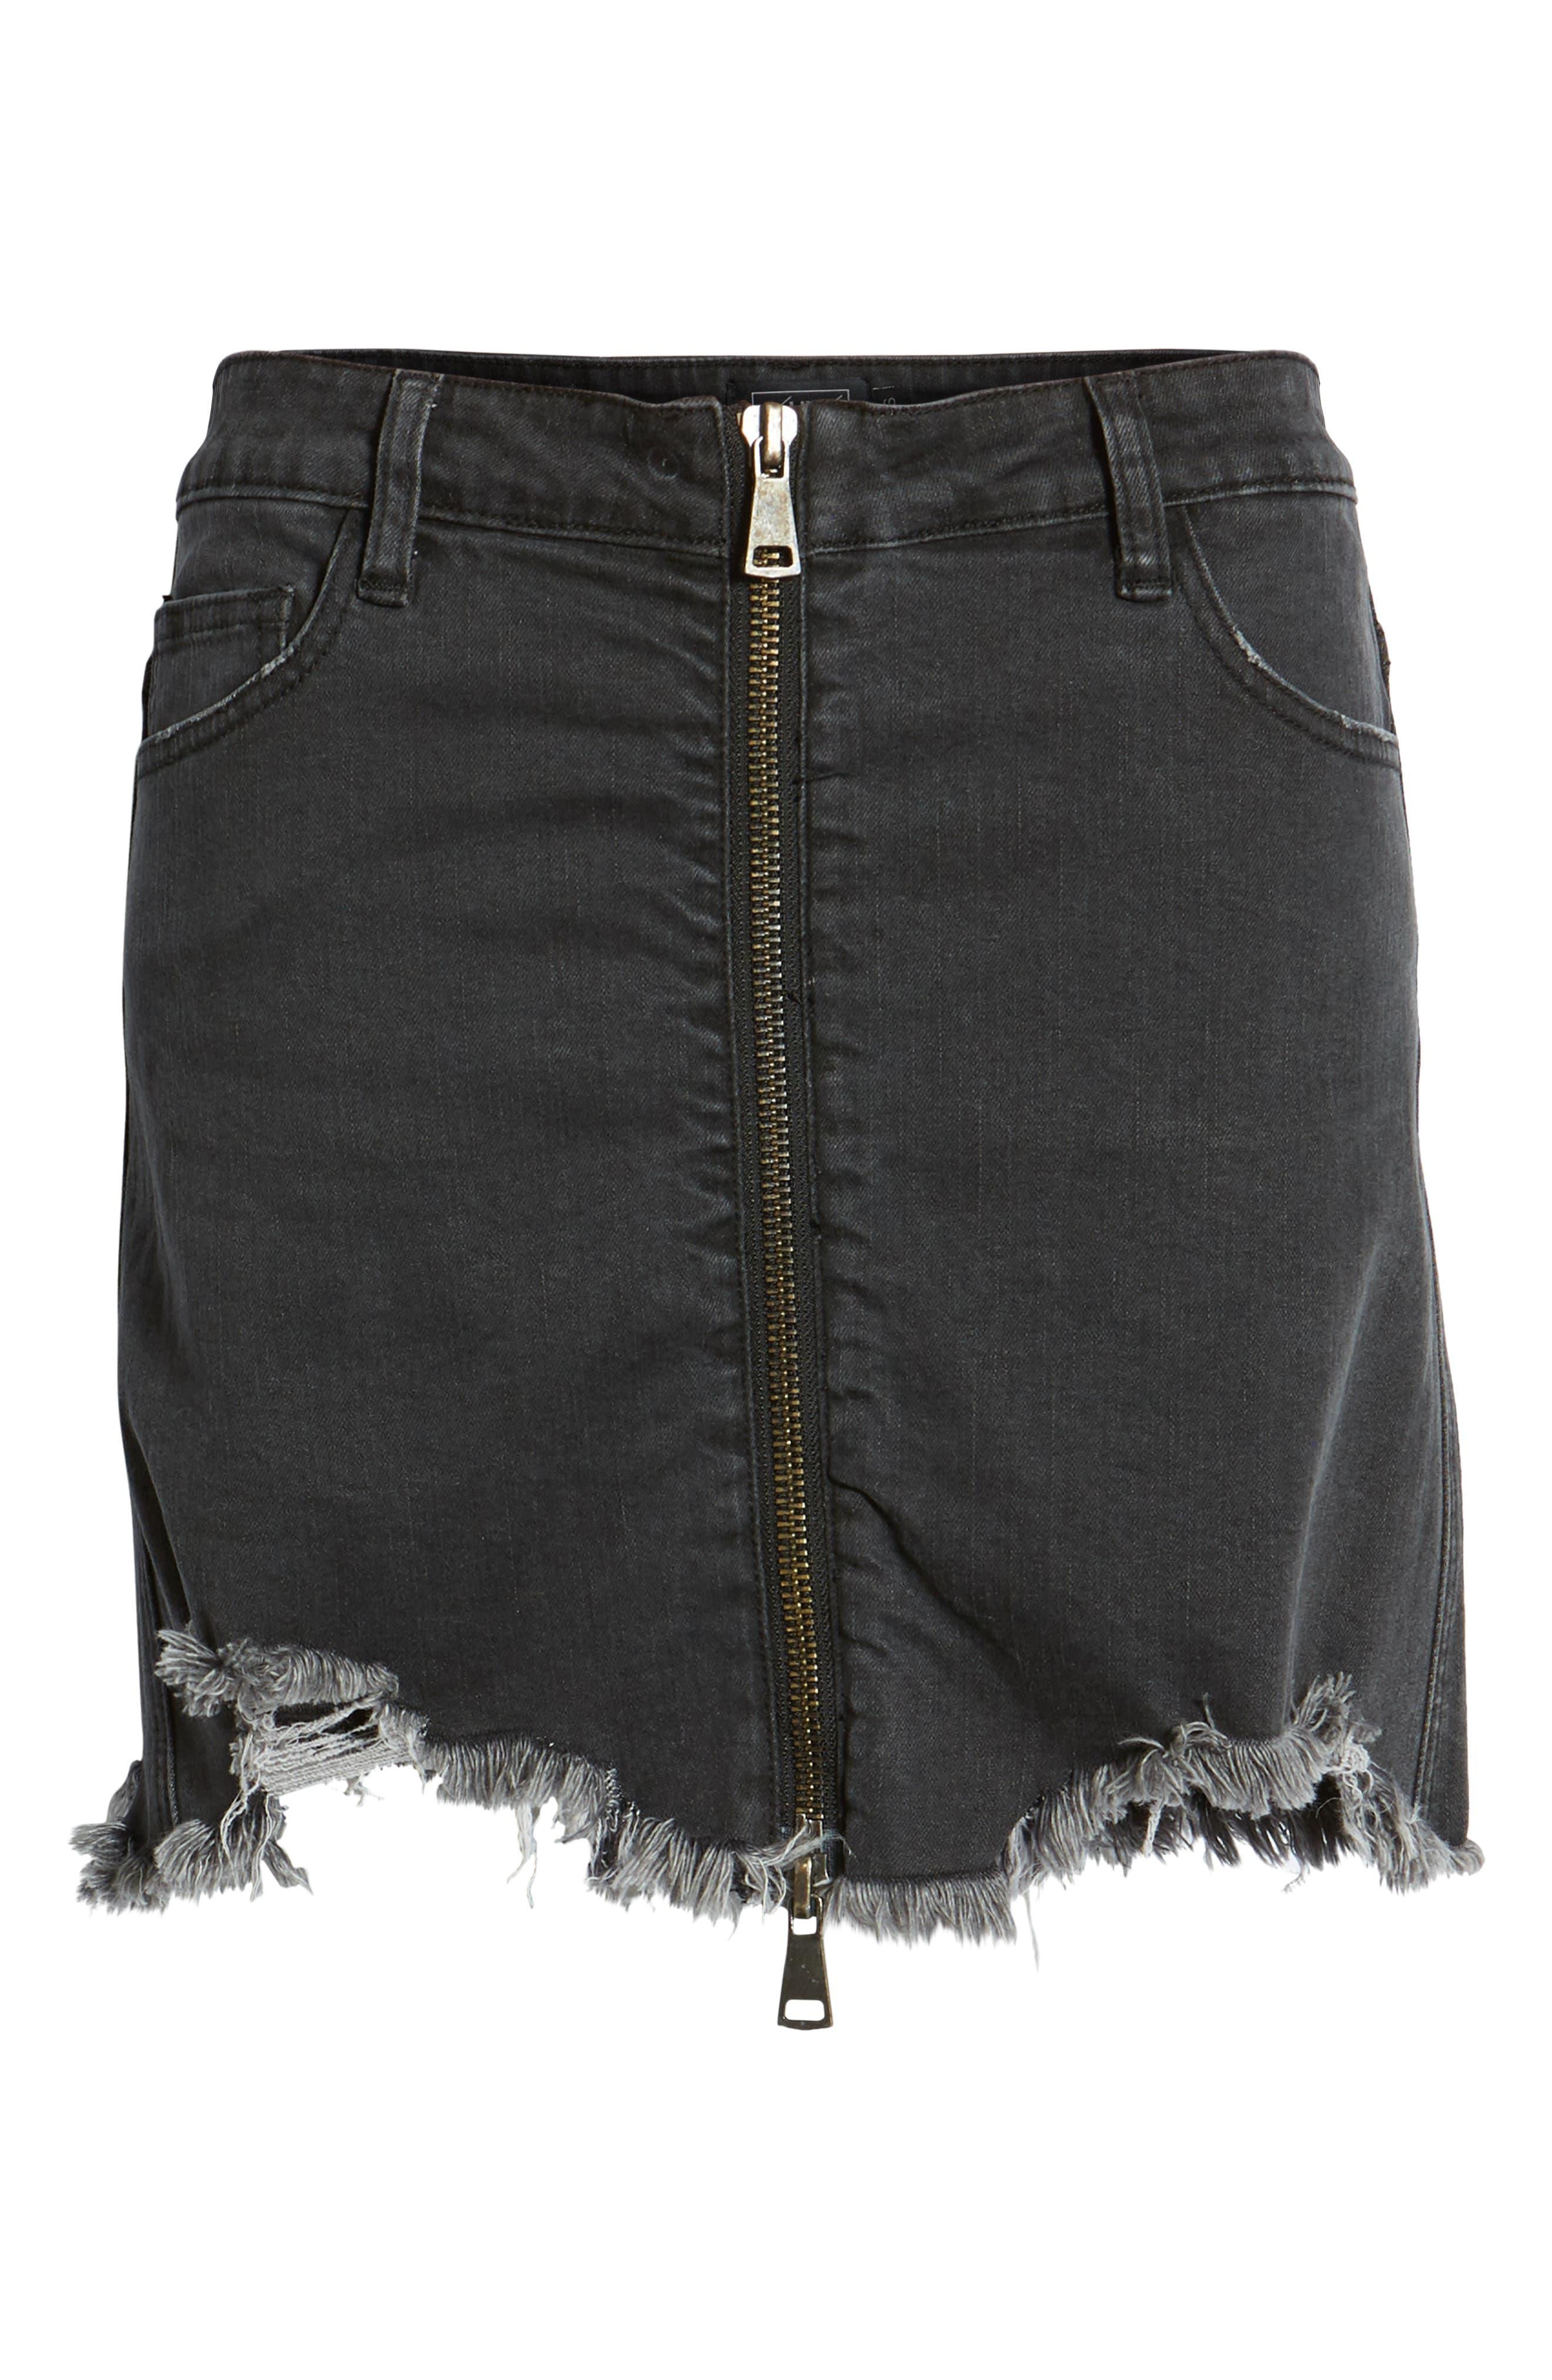 Cobra Ripped Denim Skirt,                             Alternate thumbnail 7, color,                             BLACK